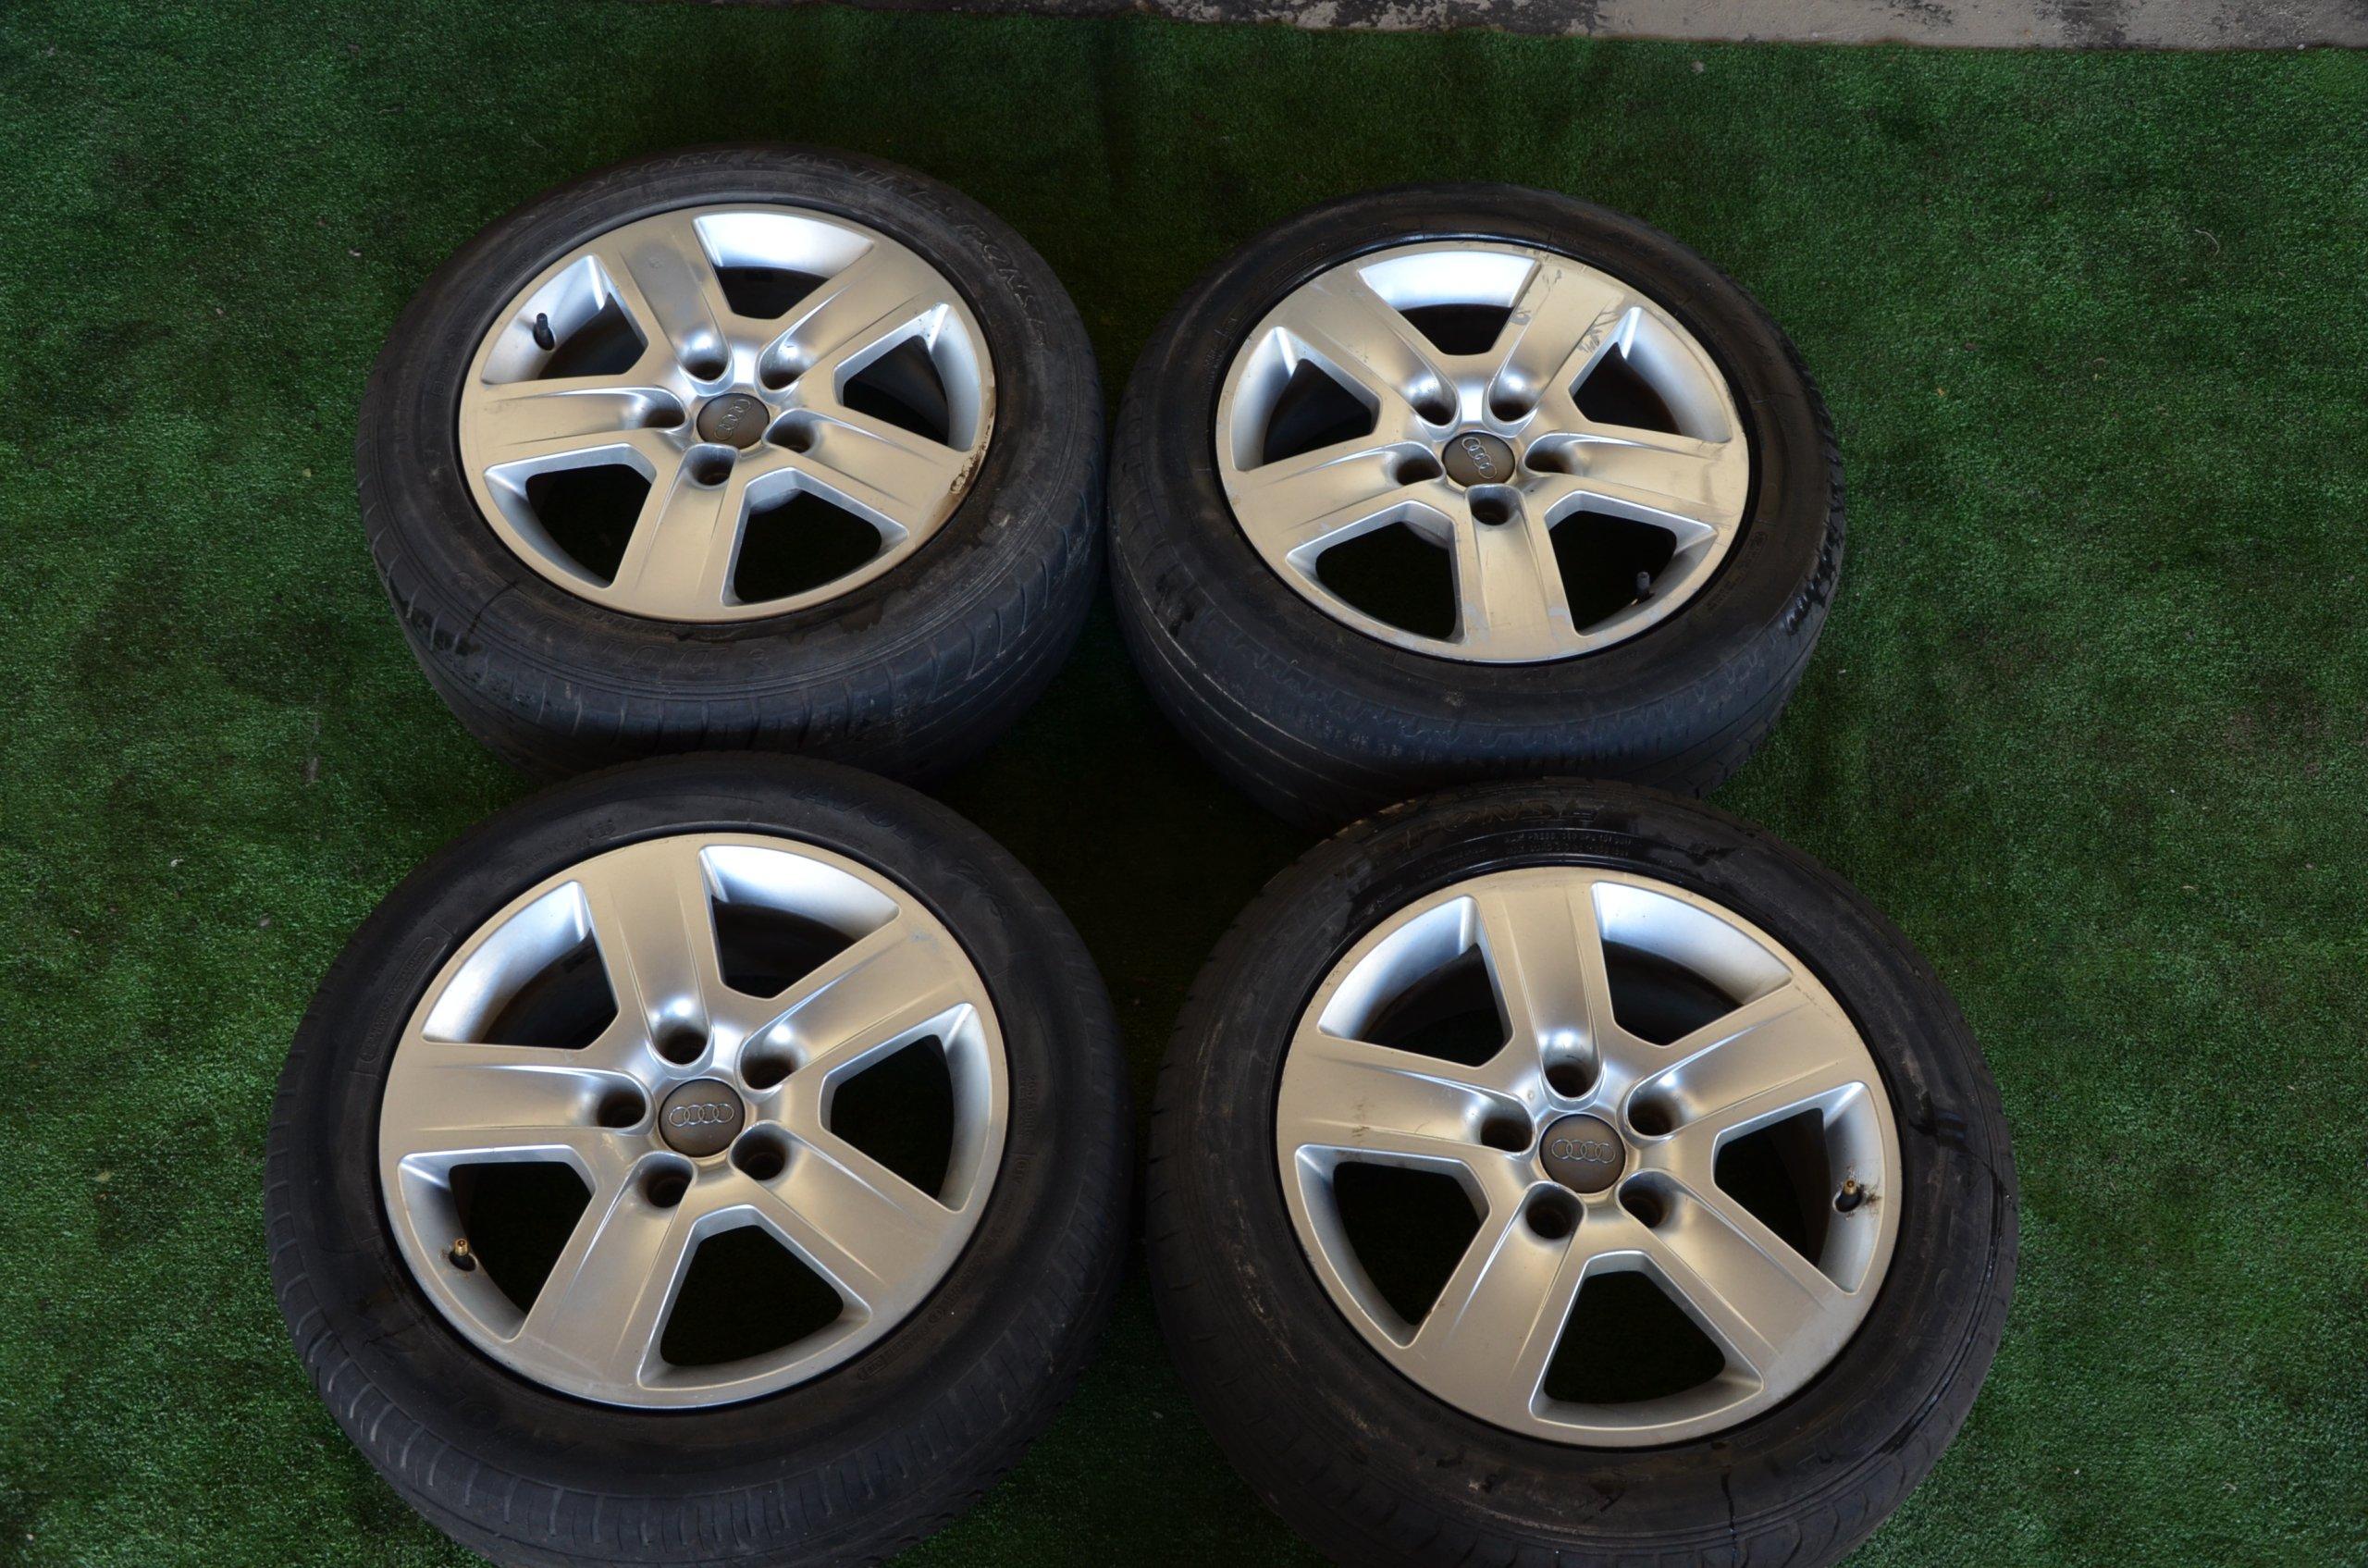 Audi A4 B5 A6 C5 Felgi Aluminiowe 16 7202449620 Oficjalne